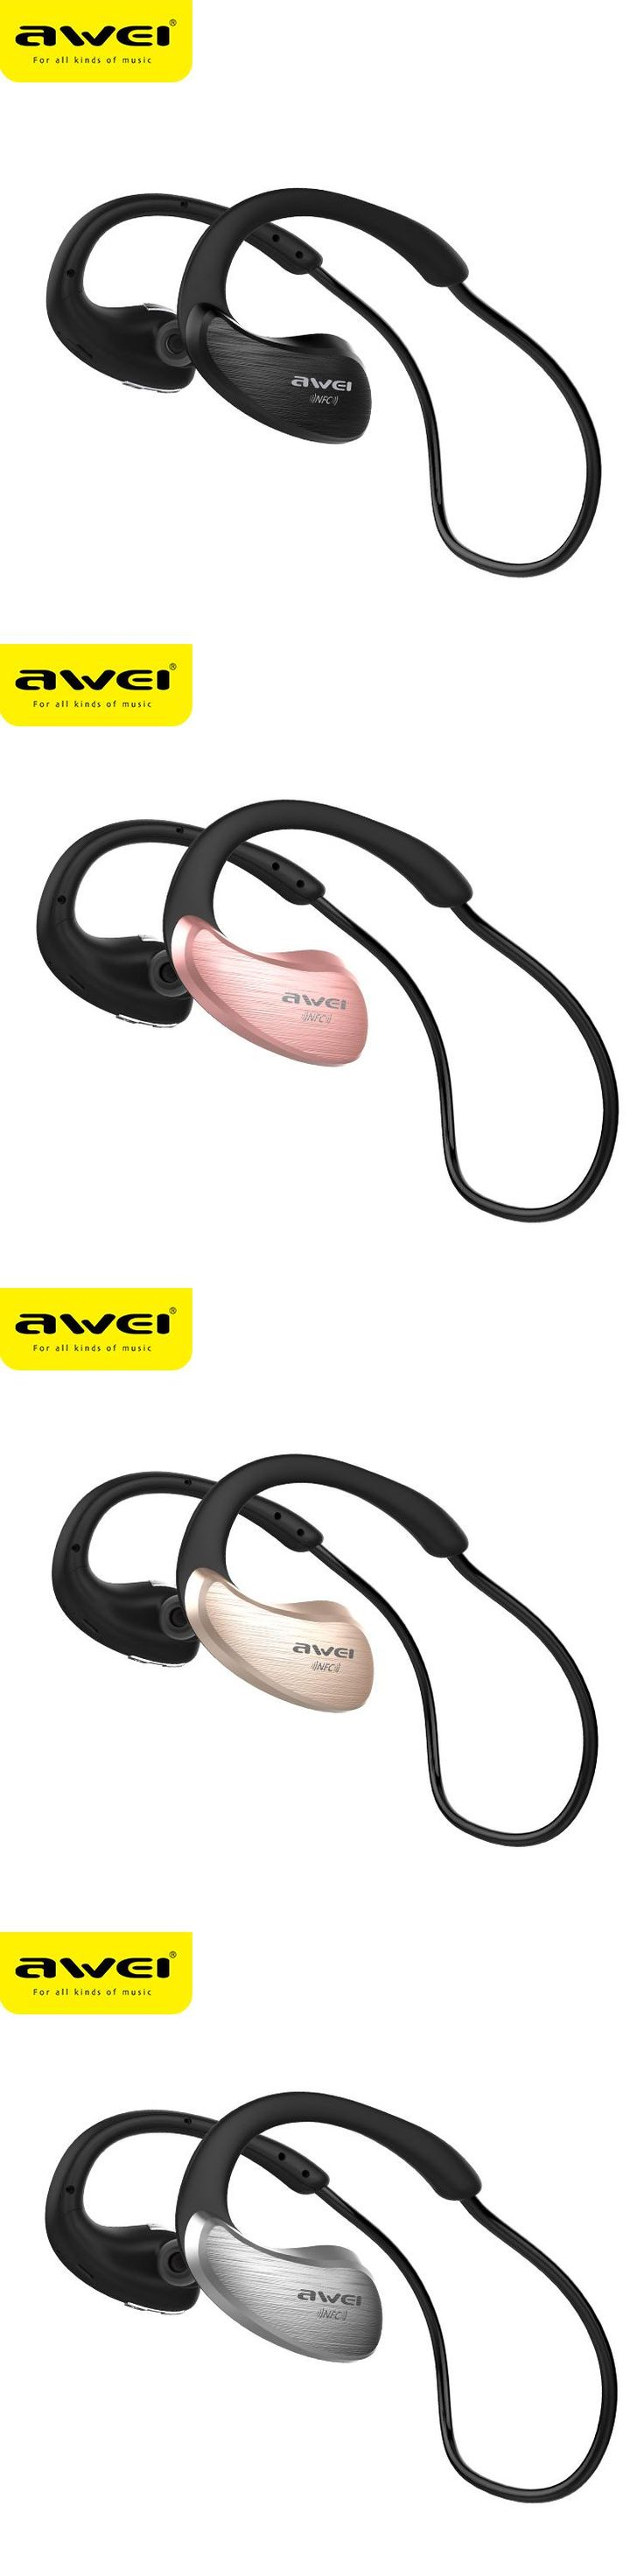 Earphones wireless nike - wireless earphones for android phones